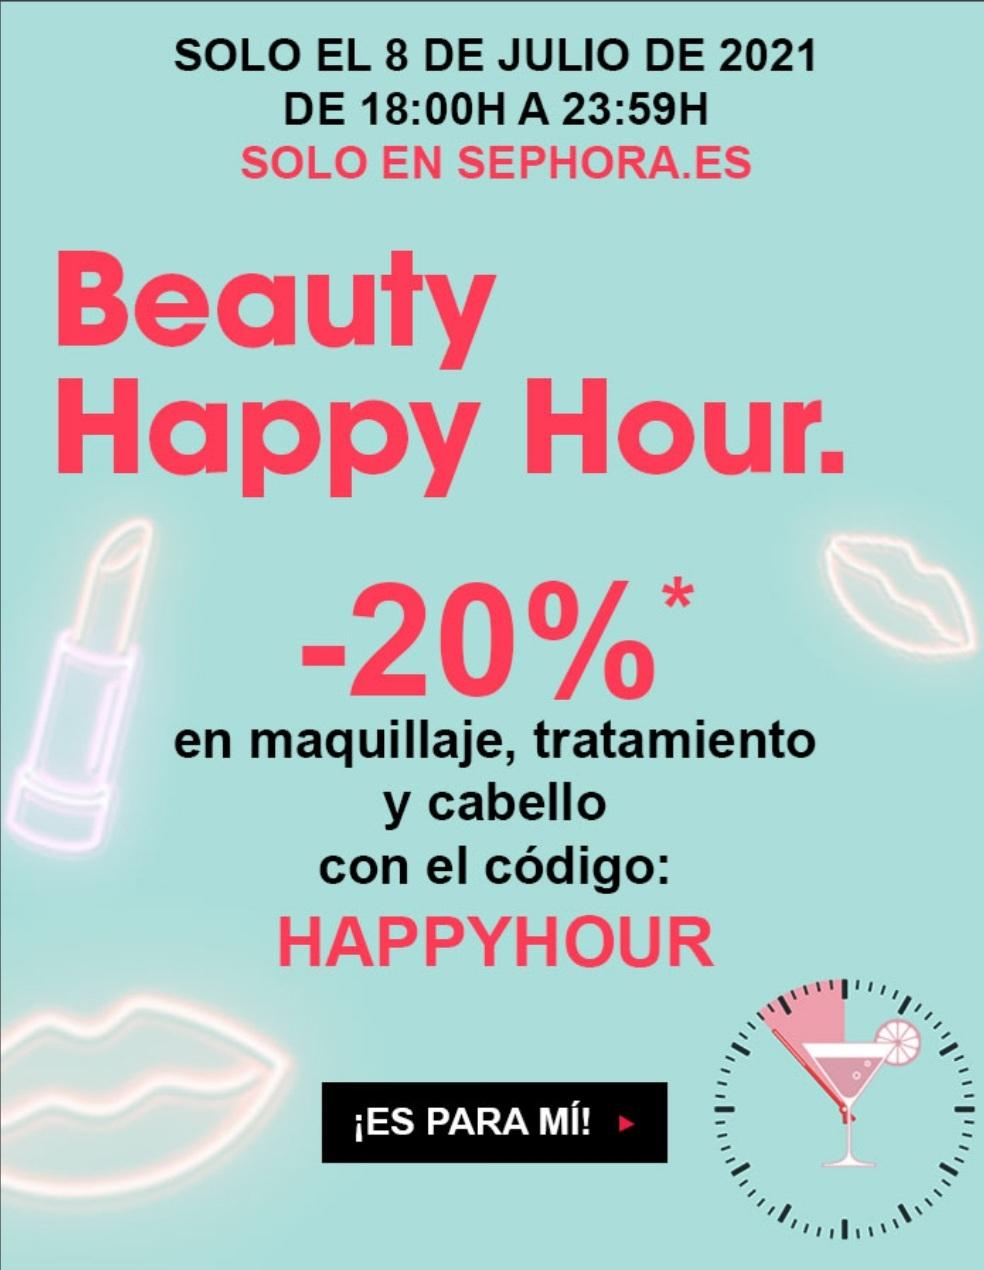 Happy Hour en Sephora con el 20% de descuento en maquillaje y productos para el cabello SOLO HOY